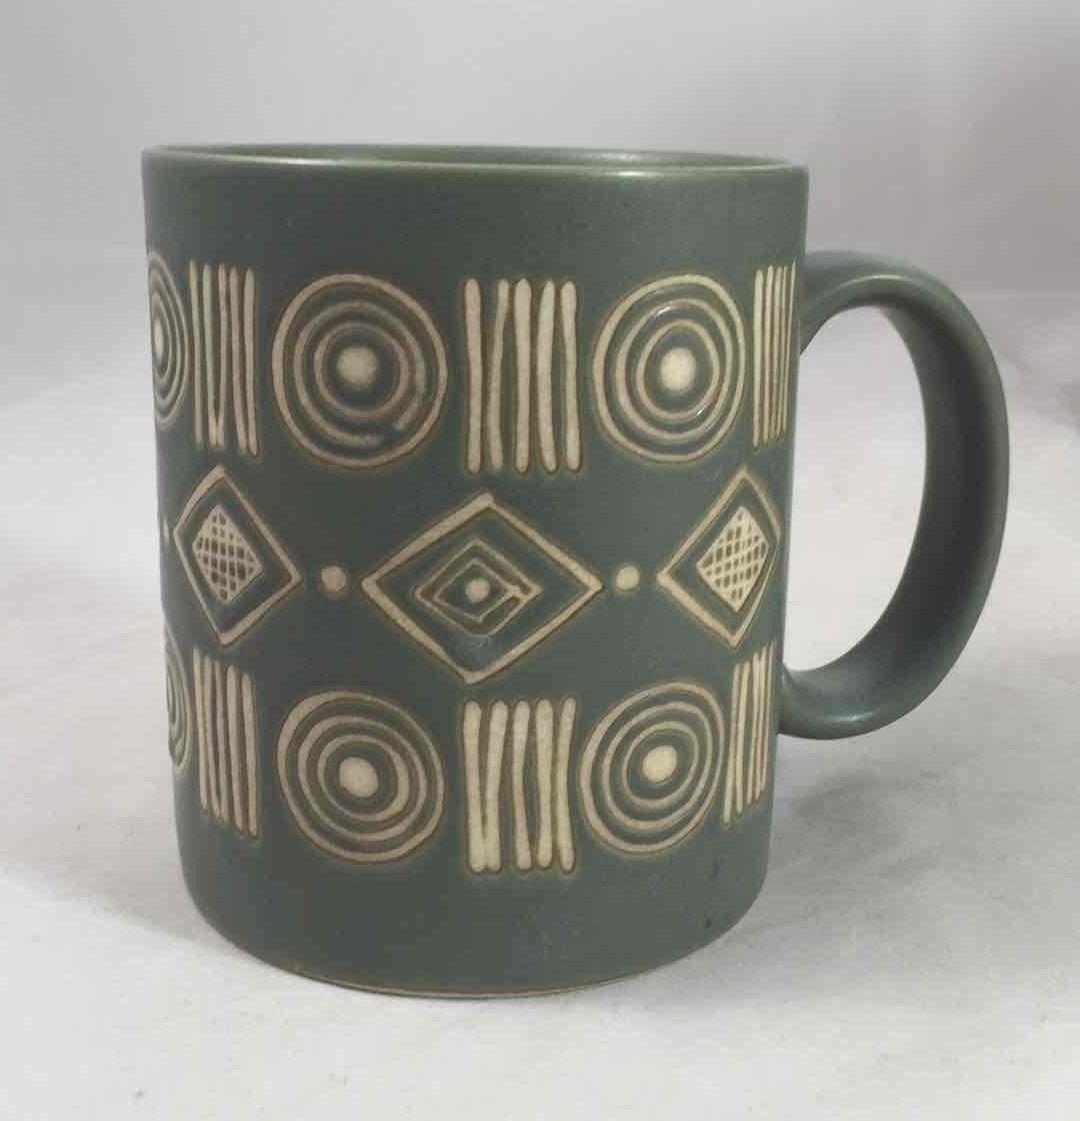 Pottery Barn BONGO Coffee Mug Green/Teal and similar items